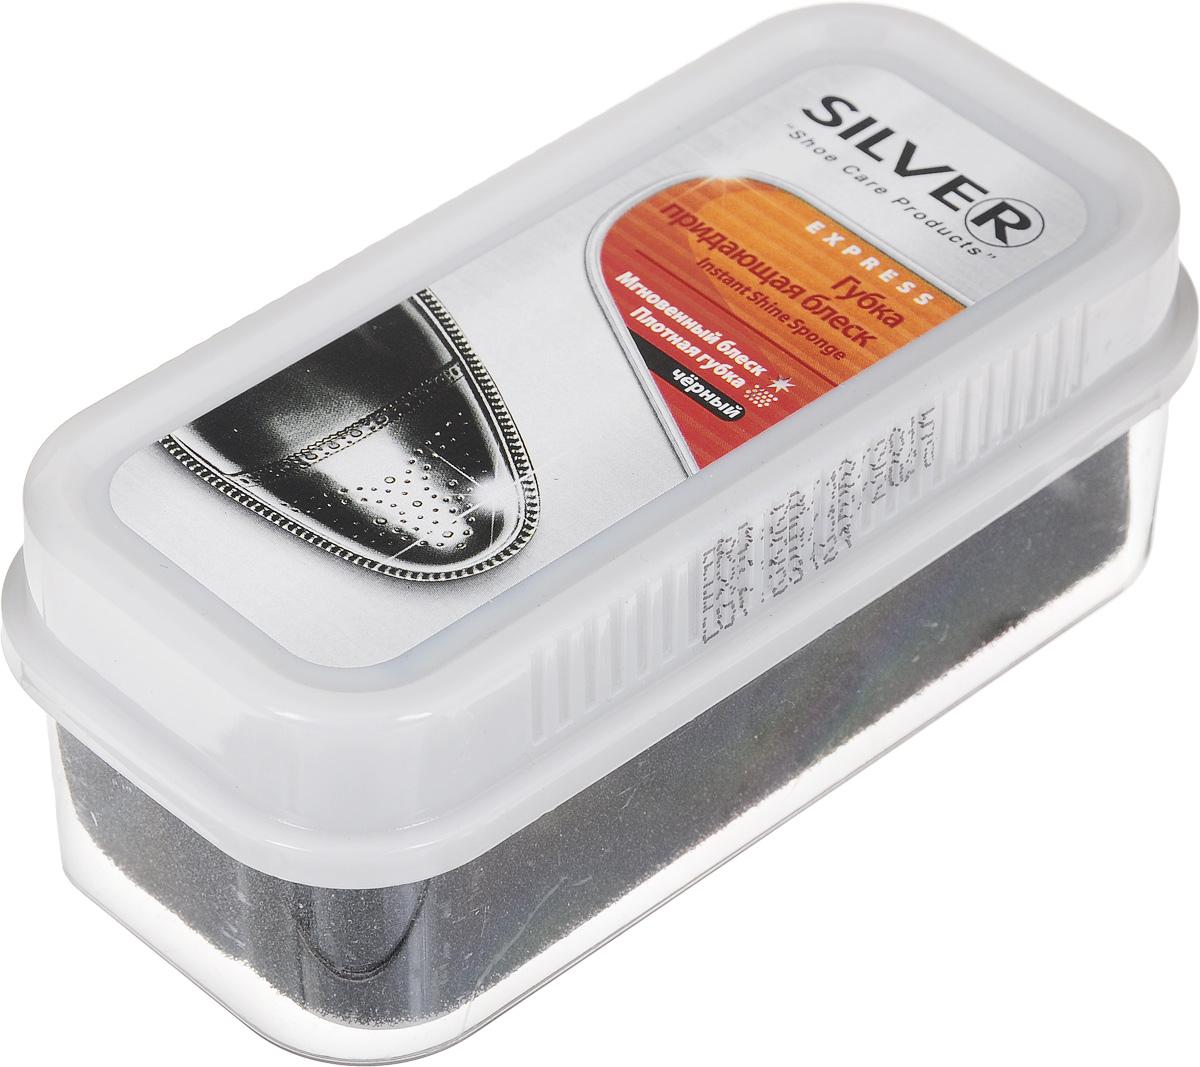 Губка для обуви Silver, придающая блеск, цвет: черный, 11 х 5 х 4,5 смPS1002-01/B3G30-1Губка Silver с силиконовым маслом предназначена для ухода за обувью из гладкой кожи, она придает ей естественный блеск. Не использовать для замши, нубука и текстиля. Размер: 11 х 5 х 4,5 см. Состав: > 90% силиконовое масло, Товар сертифицирован.